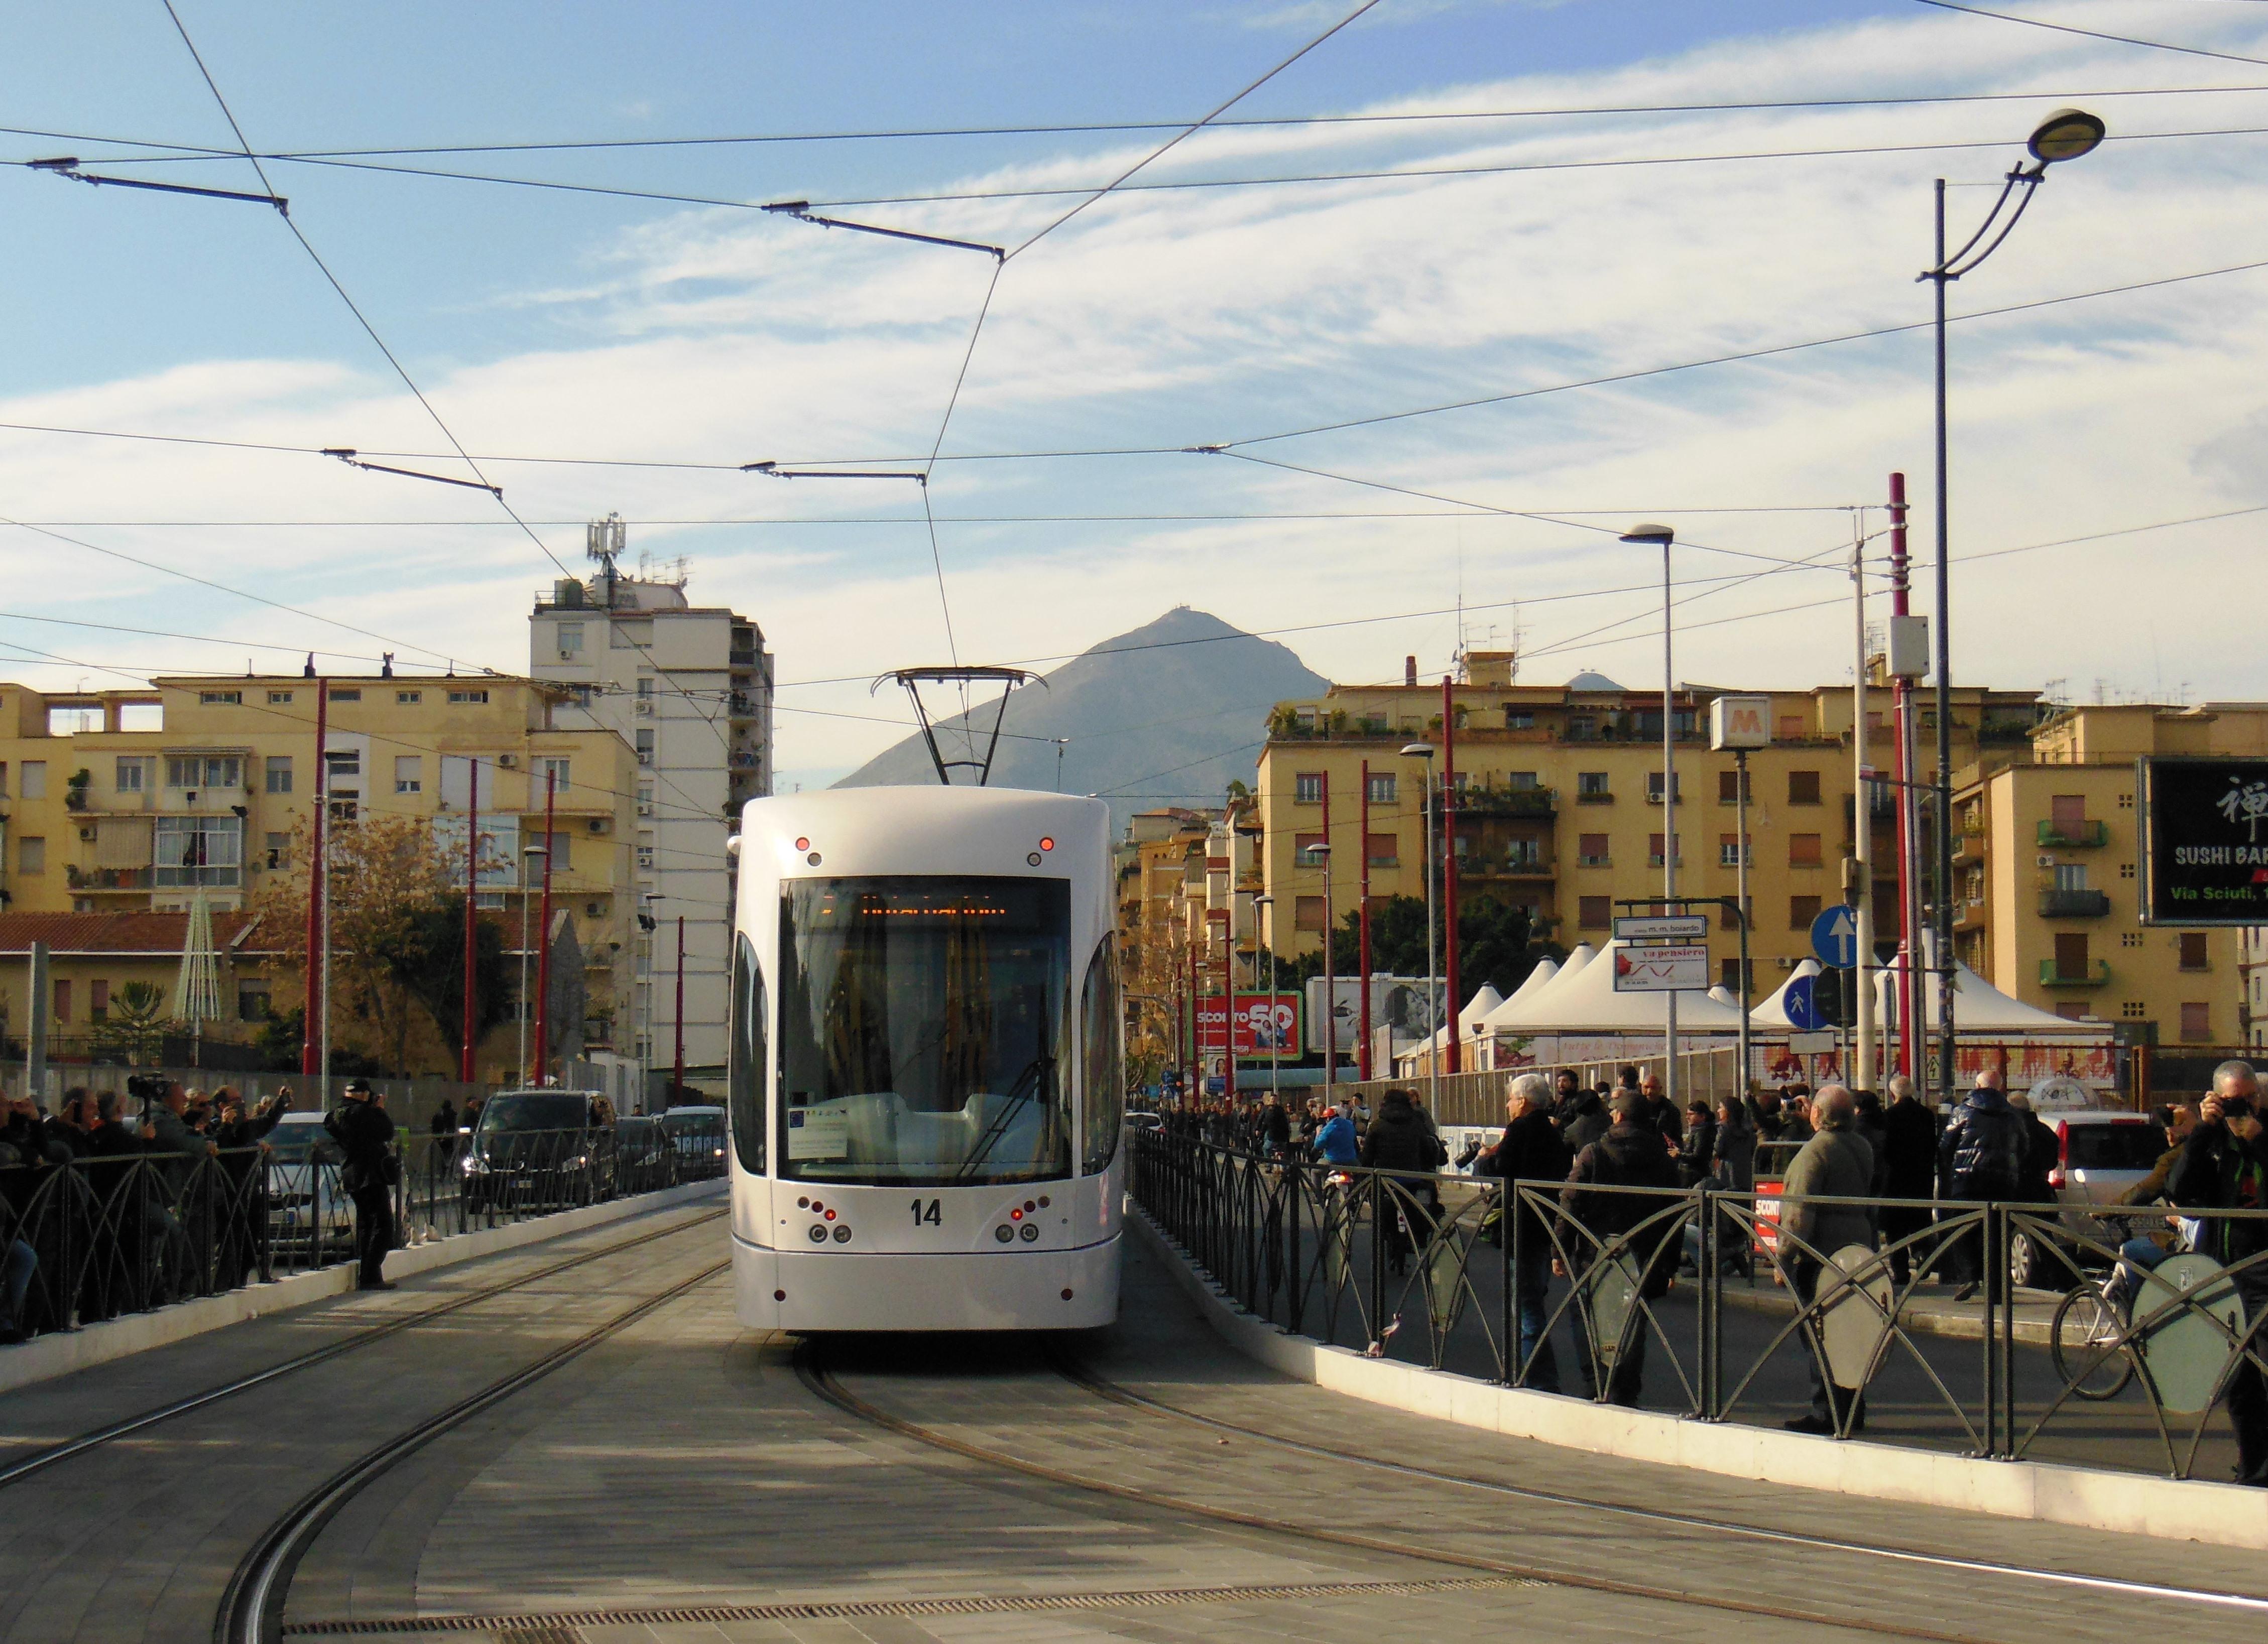 Una nuova mobilit a palermo prende il via il tram for Mobilita palermo